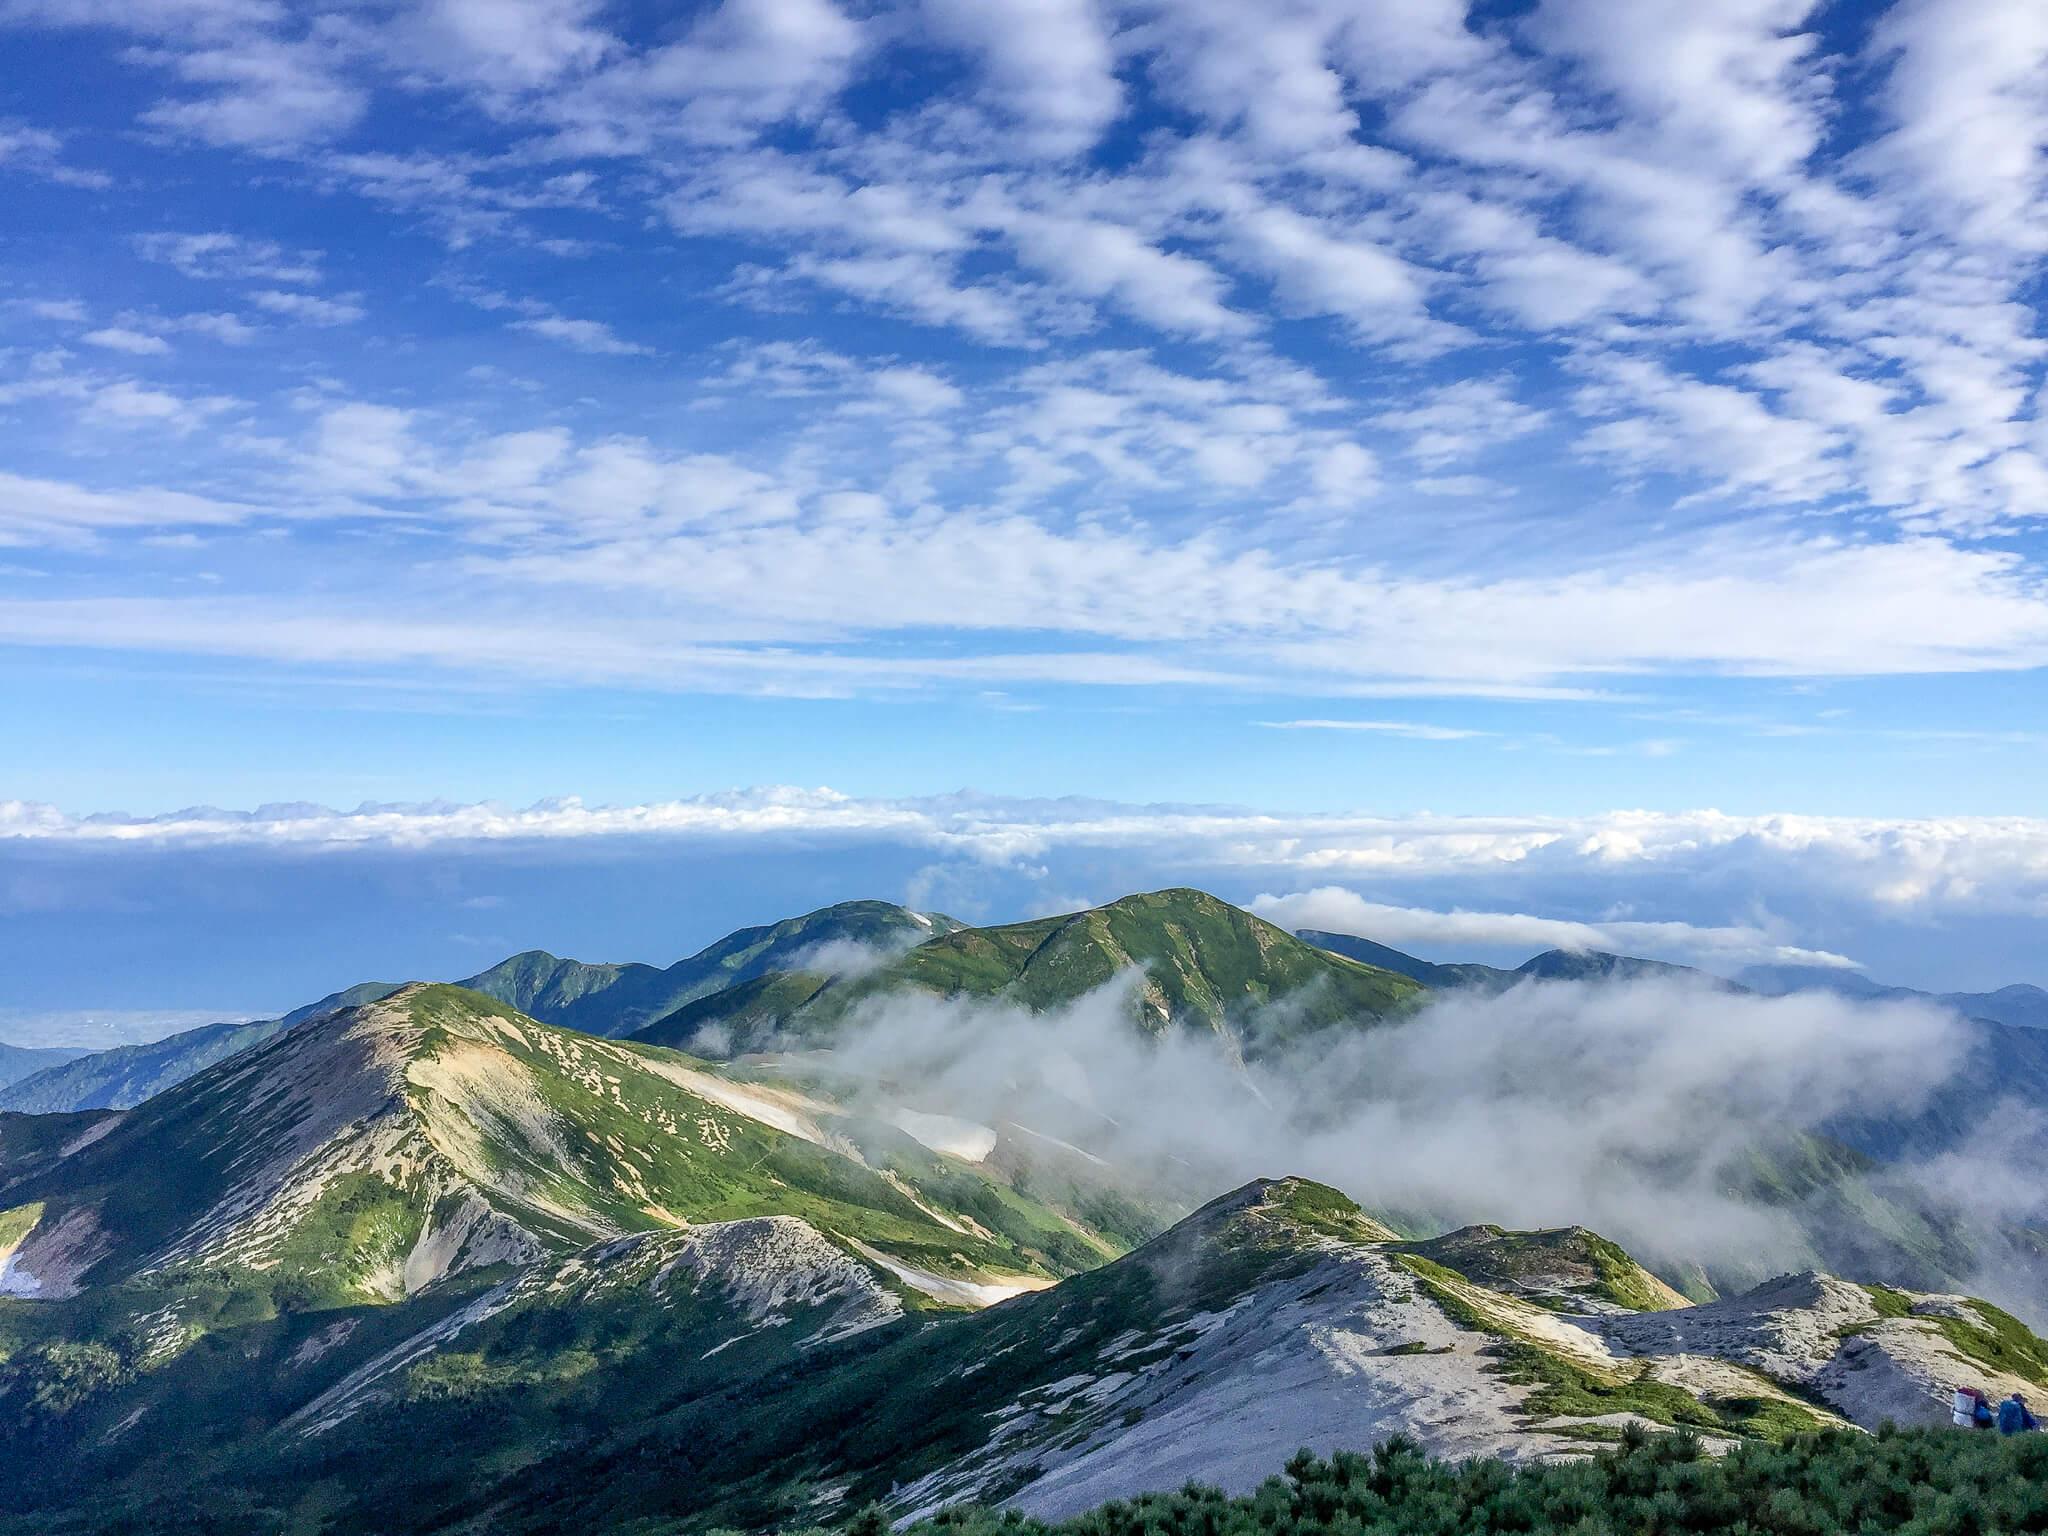 白馬岳・三国境から鉢ヶ岳、雪倉岳に至る道